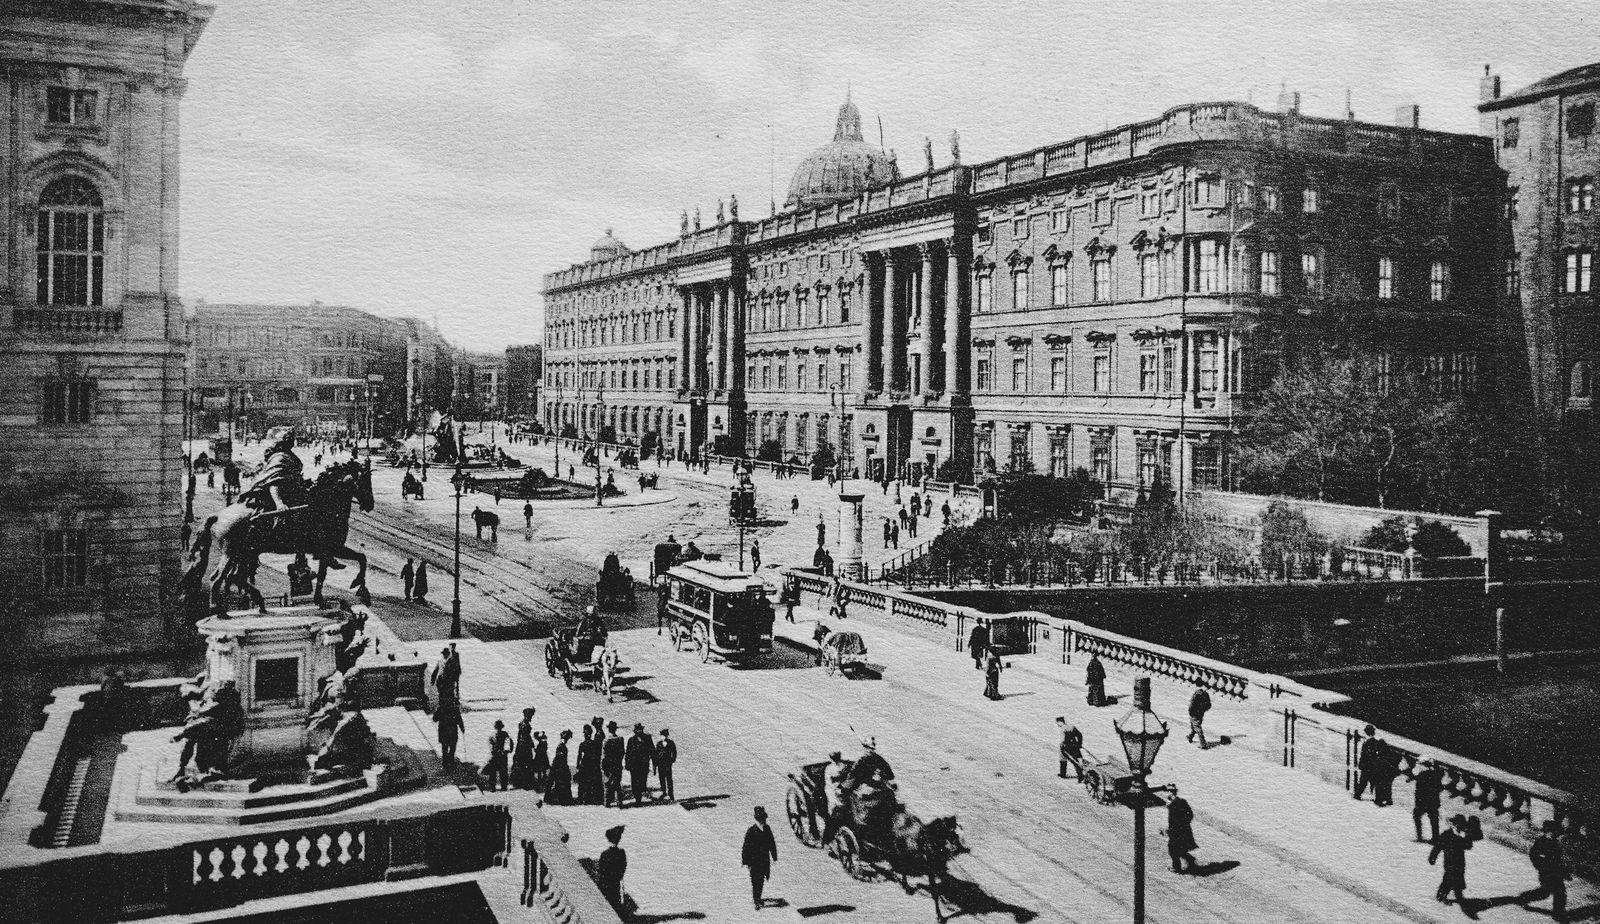 EINMALIGE VERWENDUNG Berliner Stadtschloss, historische Aufnahme von ca. 1899 Expire: 23.07.2021